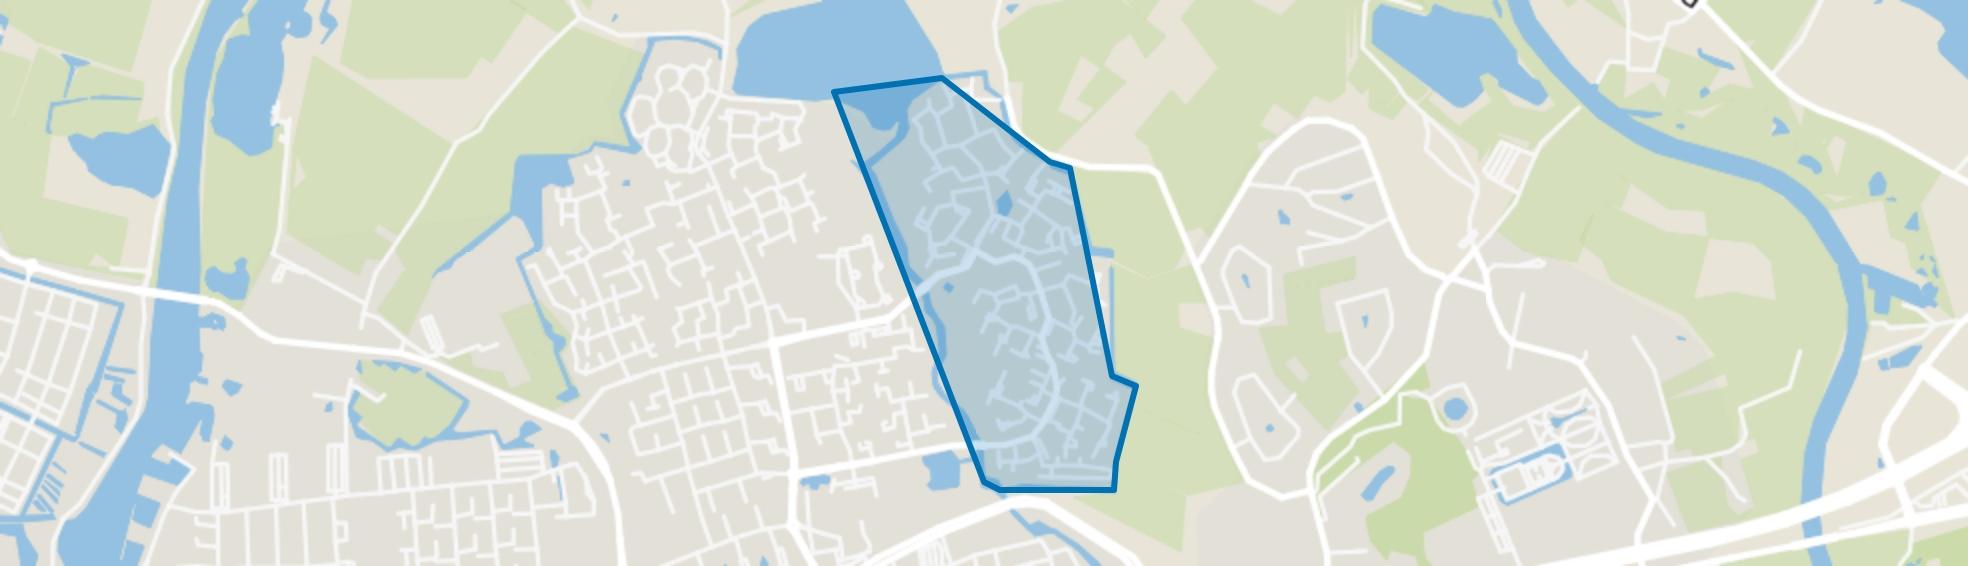 Aa-landen-Oost, Zwolle map